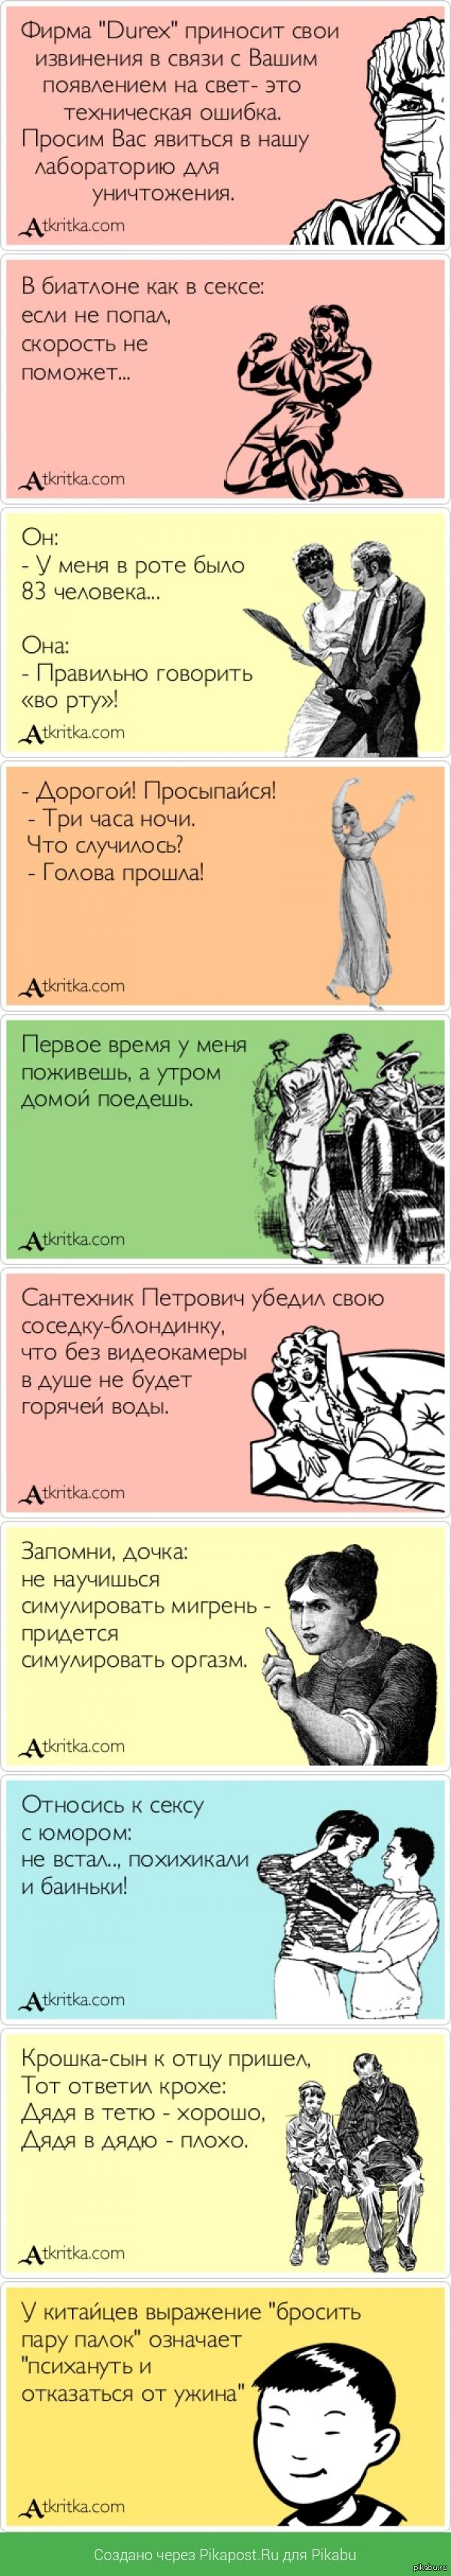 Аткрытки на тему секса мала мала баяны присутствуют )